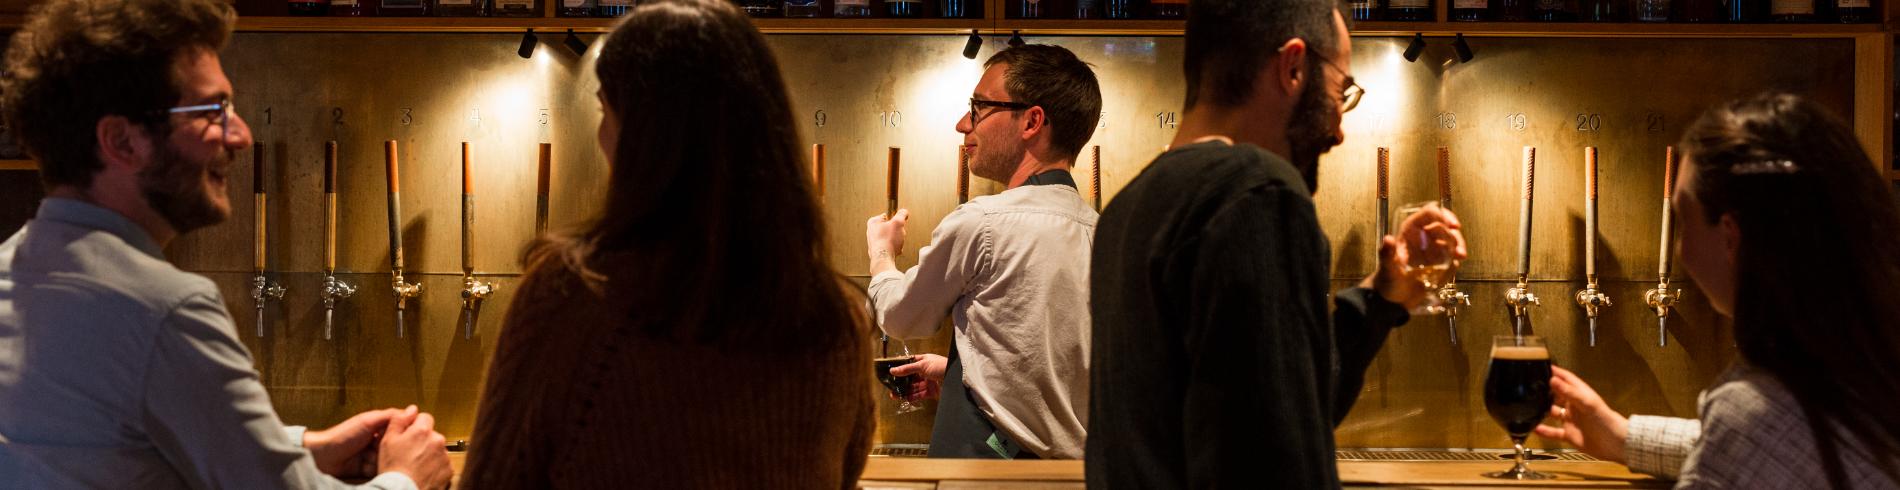 Copenhagen Beer Week cover image